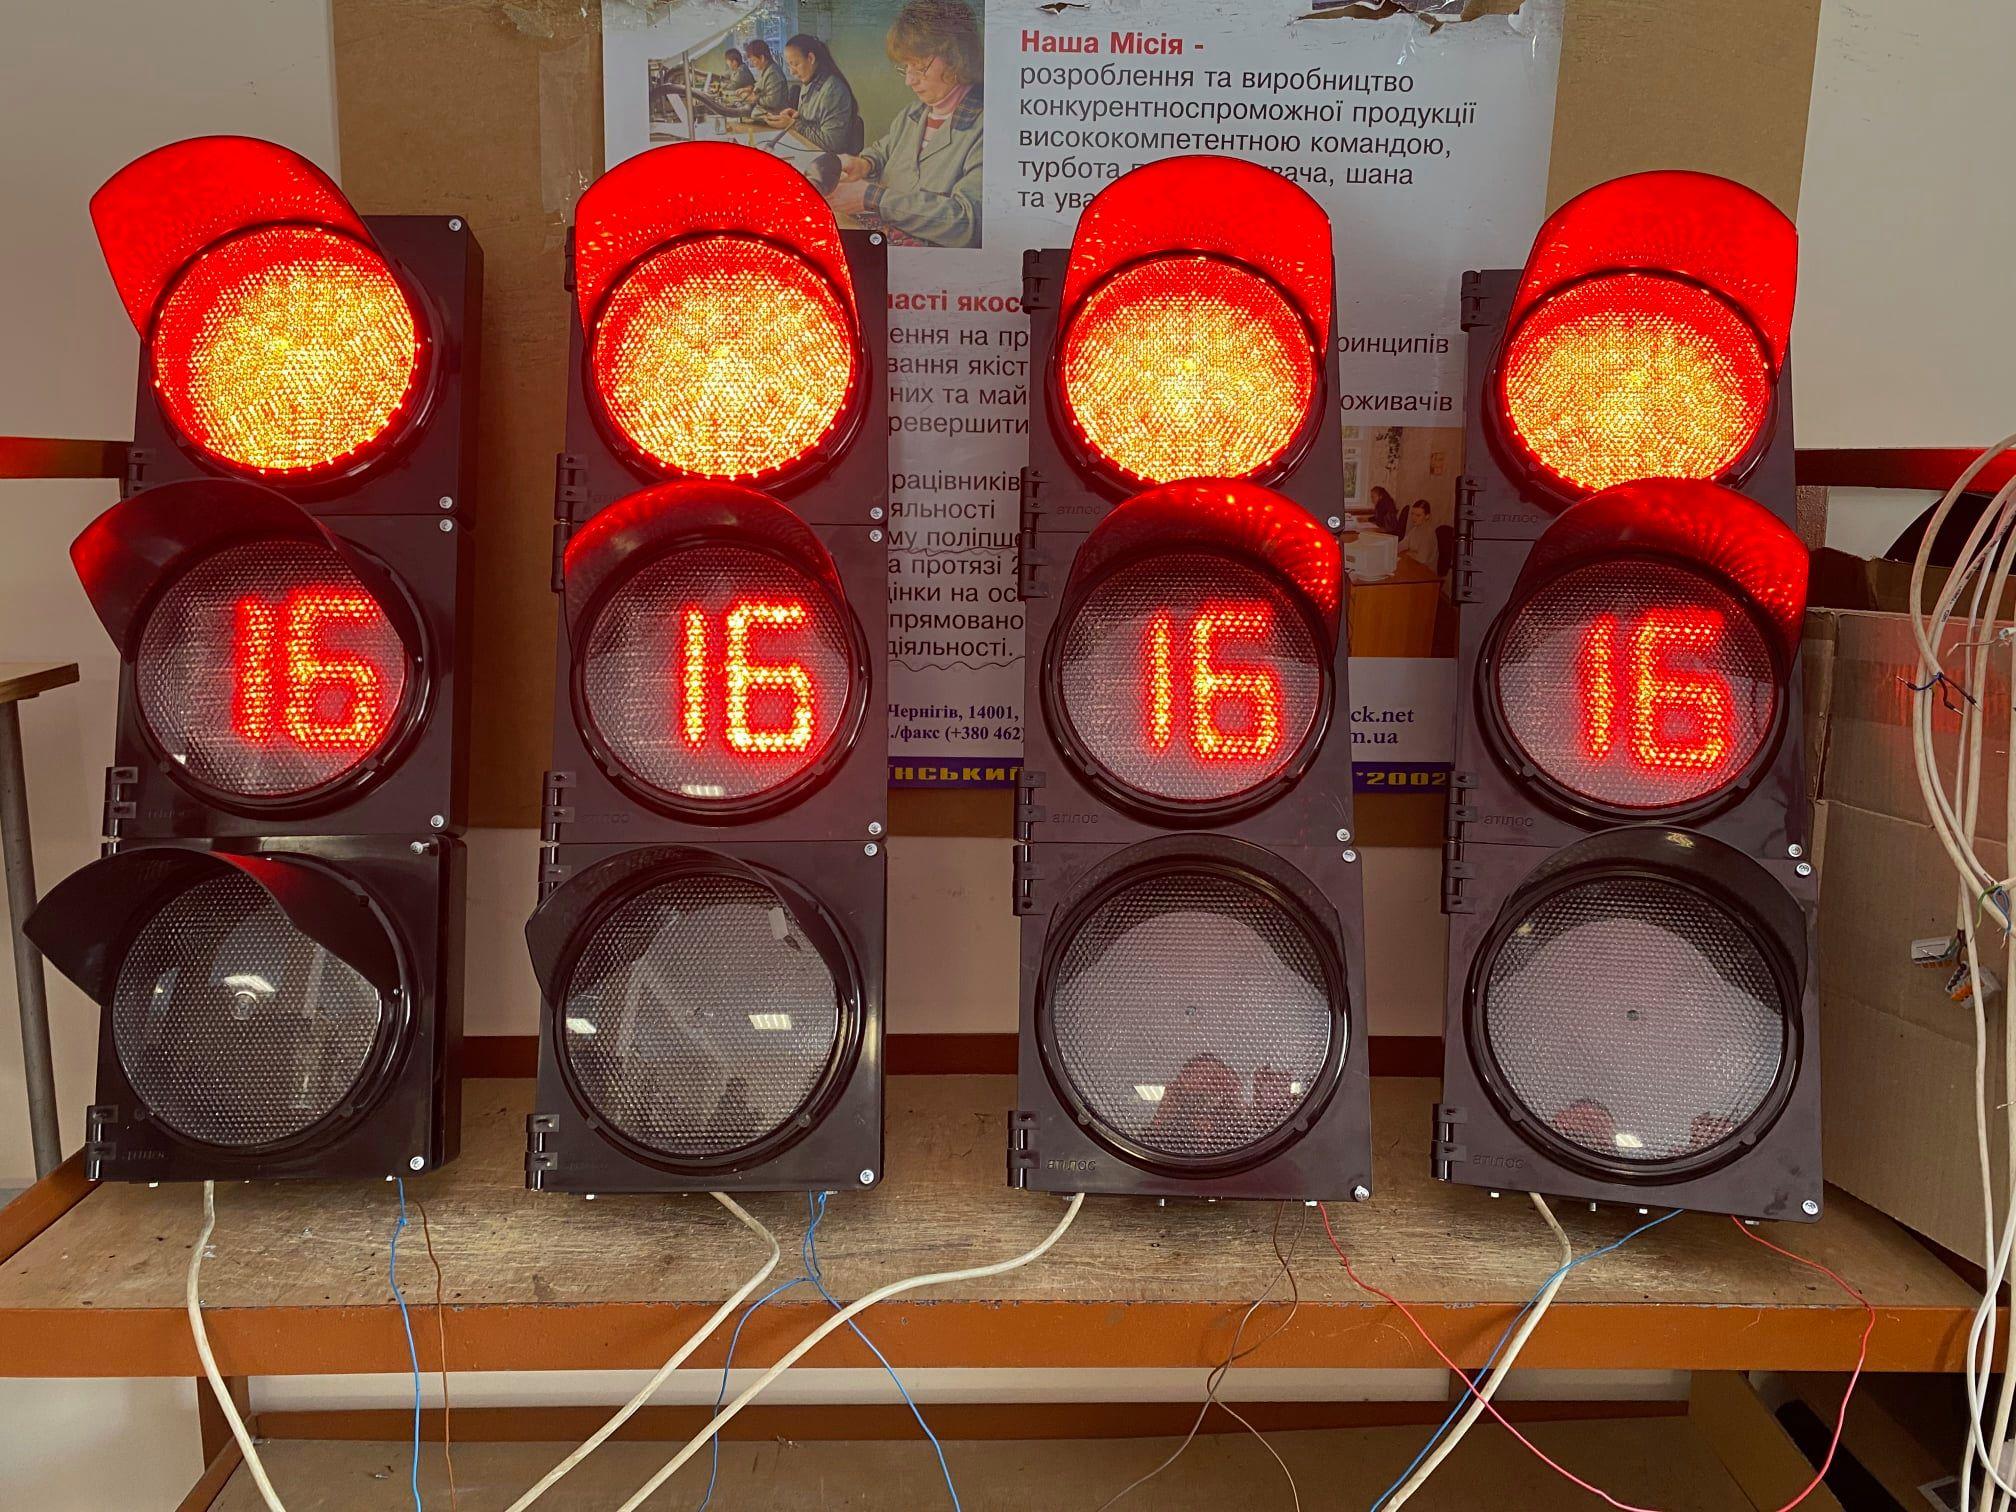 Чернігівське підприємство виготовляє світлофори для всієї України (Фото)